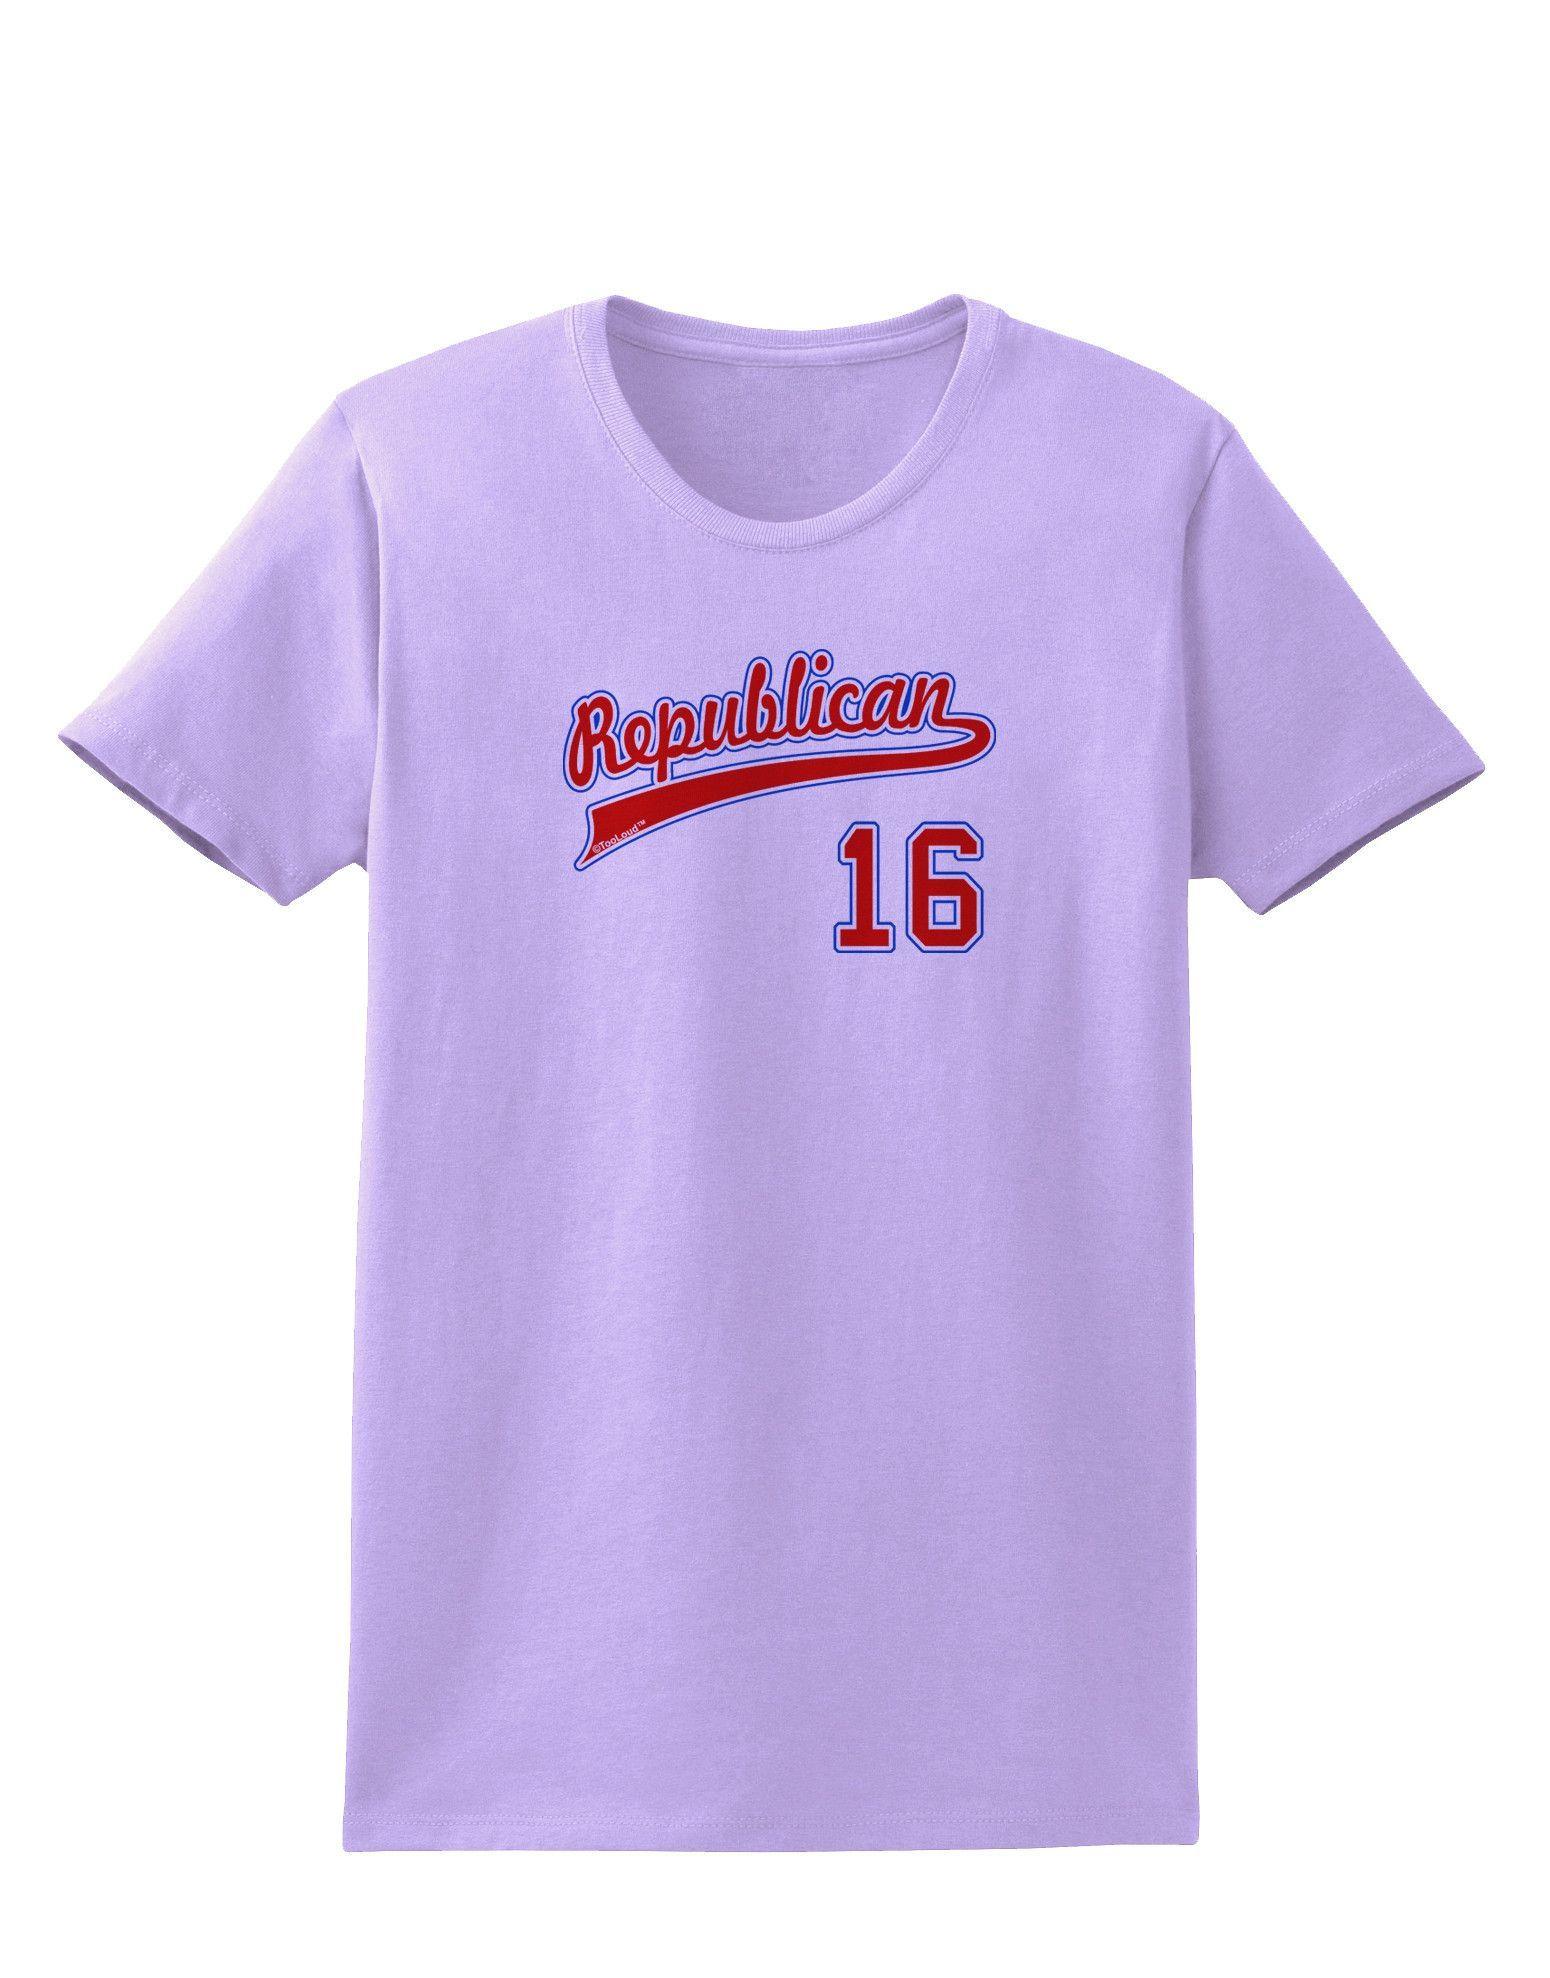 TooLoud Republican Jersey 16 Womens T-Shirt